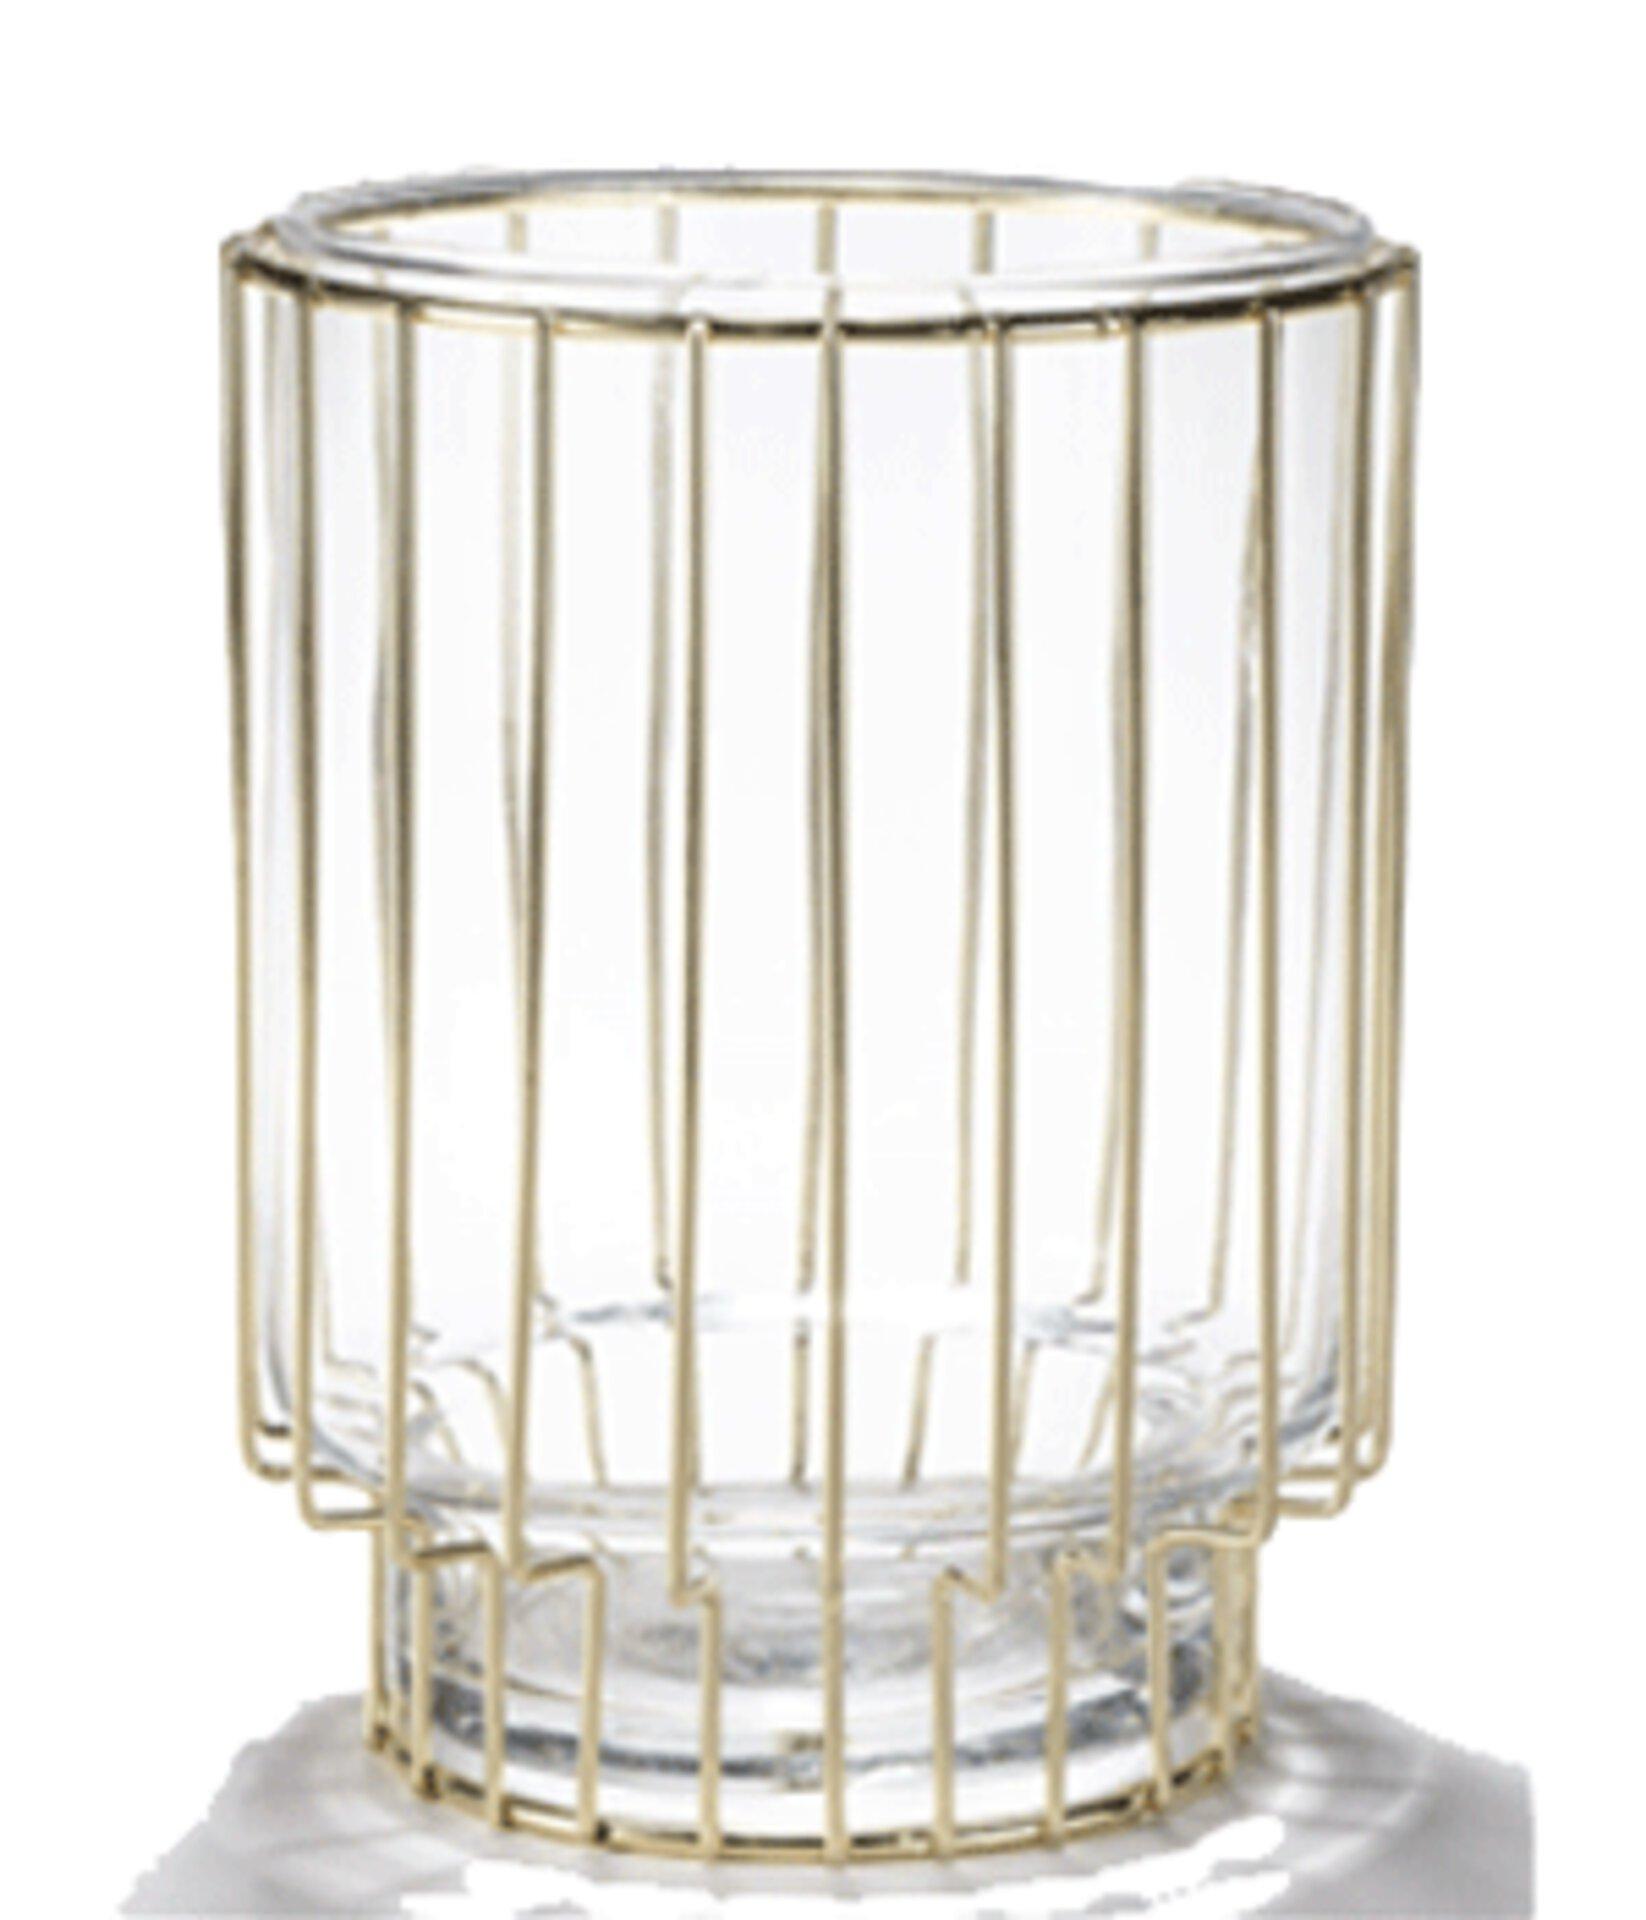 Windlicht aus Glas mit goldenem Gestell